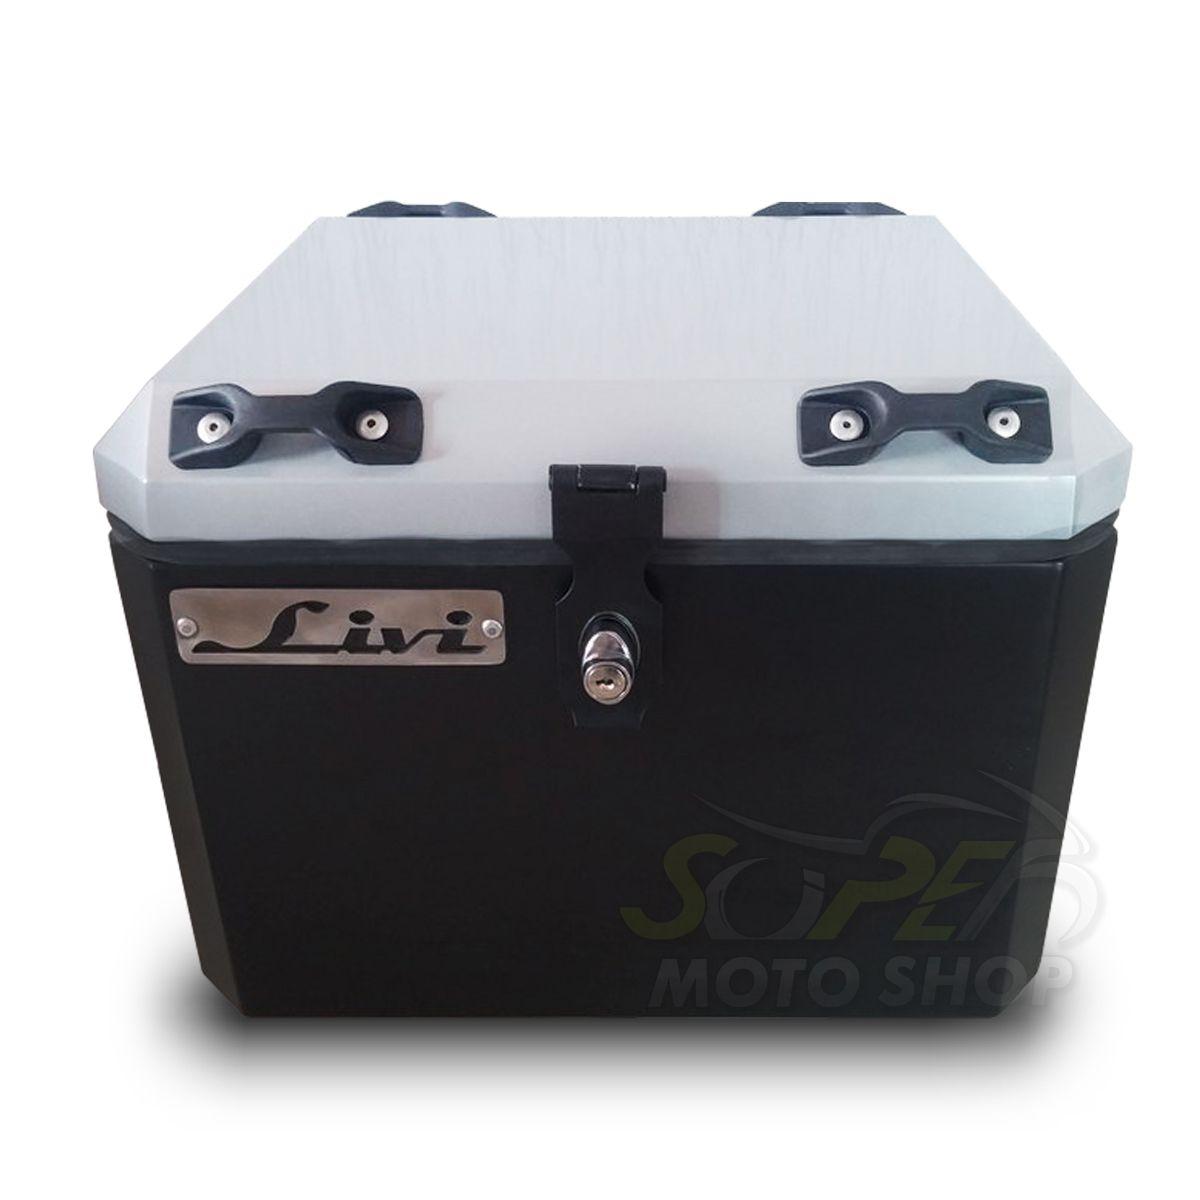 Bauleto / Baú Traseiro / Top Case Modelo Livi + Suporte Base - Tenere 250 até 2014 - Yamaha